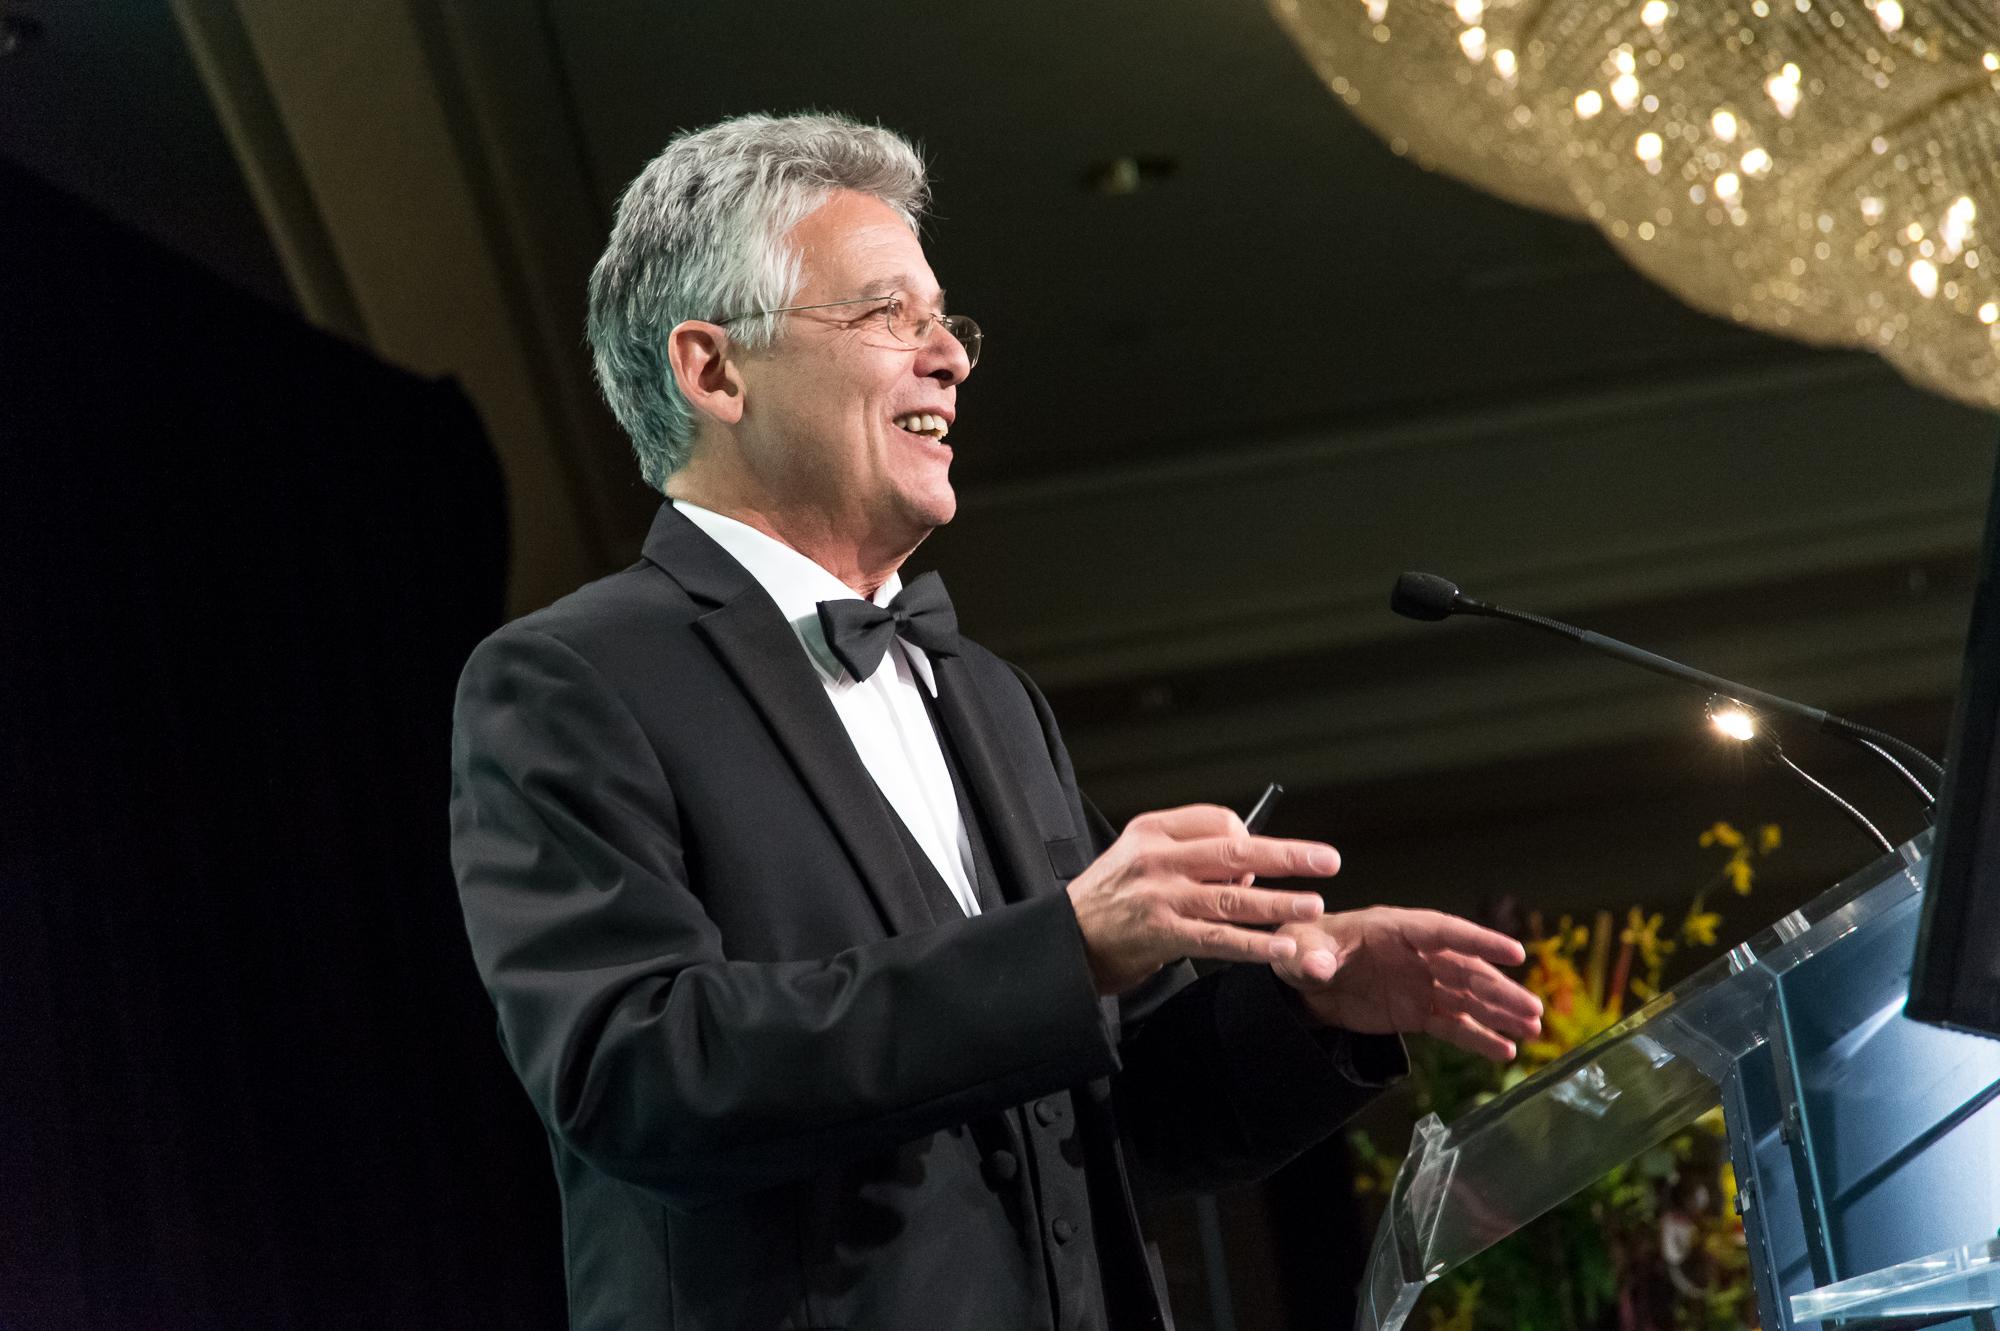 2013 Dr. Rogers Prize Gala Keynote Speaker Dr. Irving Kirsch